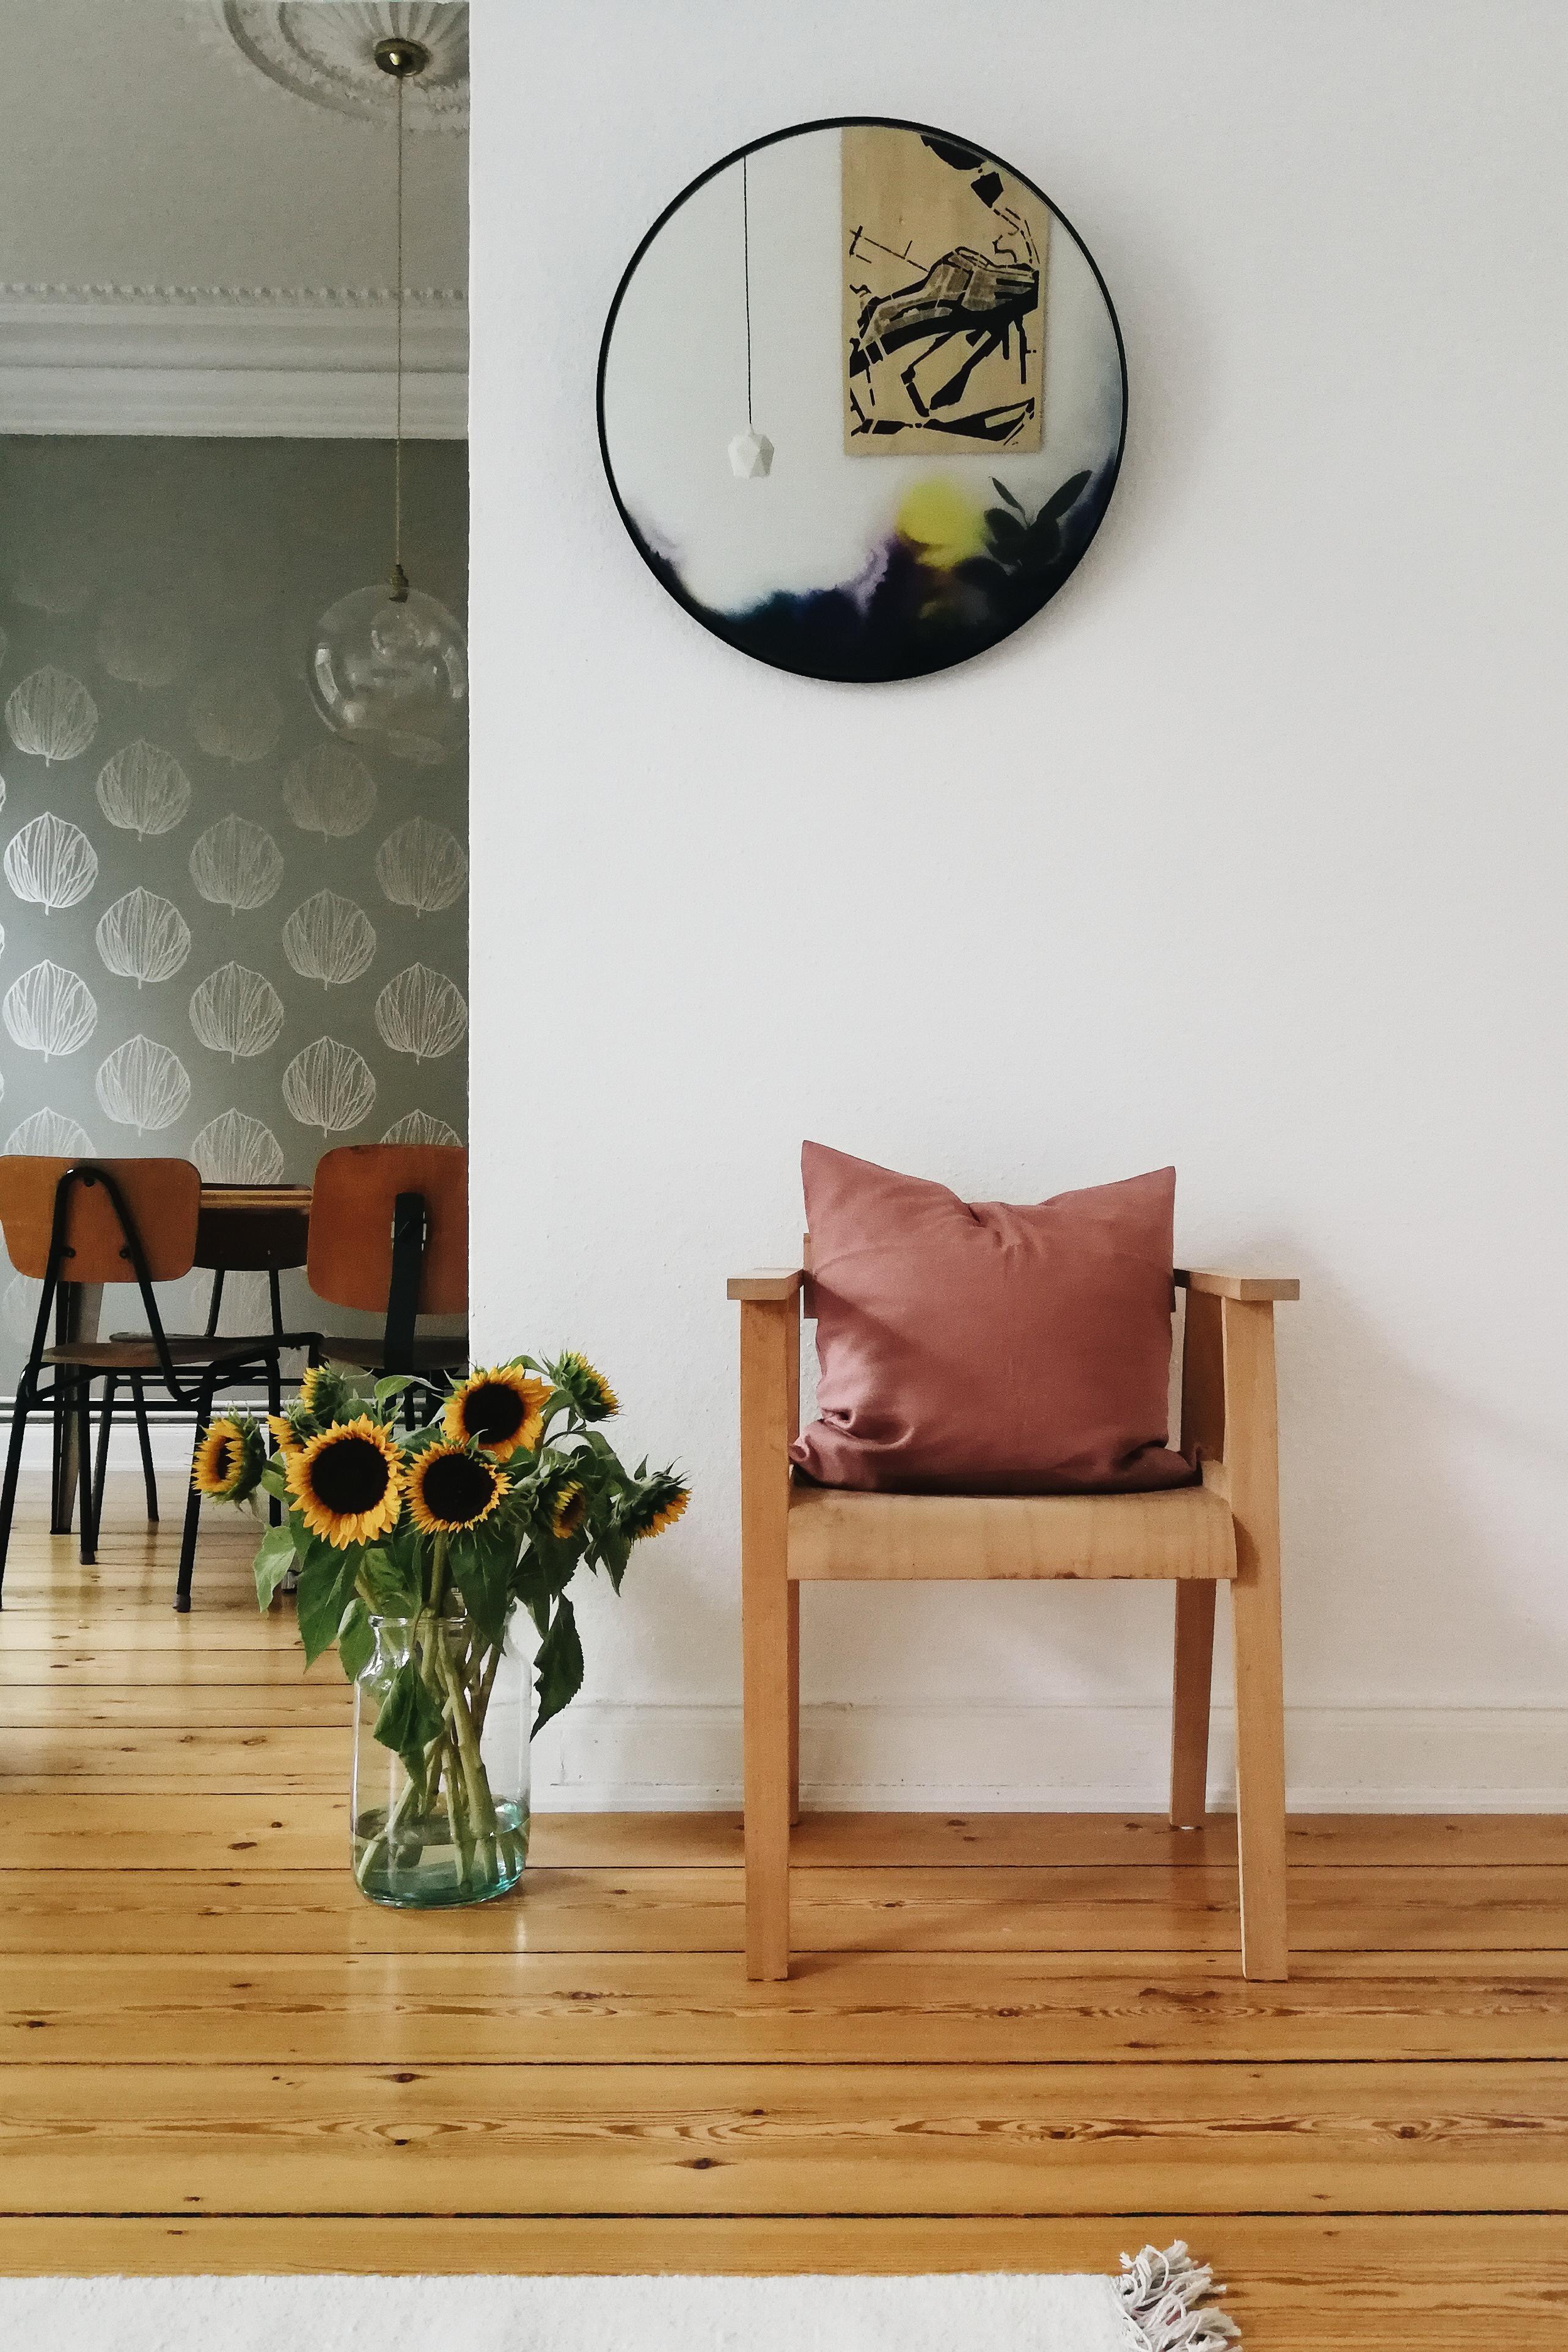 #home #willkommen #hamburg #altbauliebe #wohnzimmer #esszimmer  #sonnenblumen #couchstyle